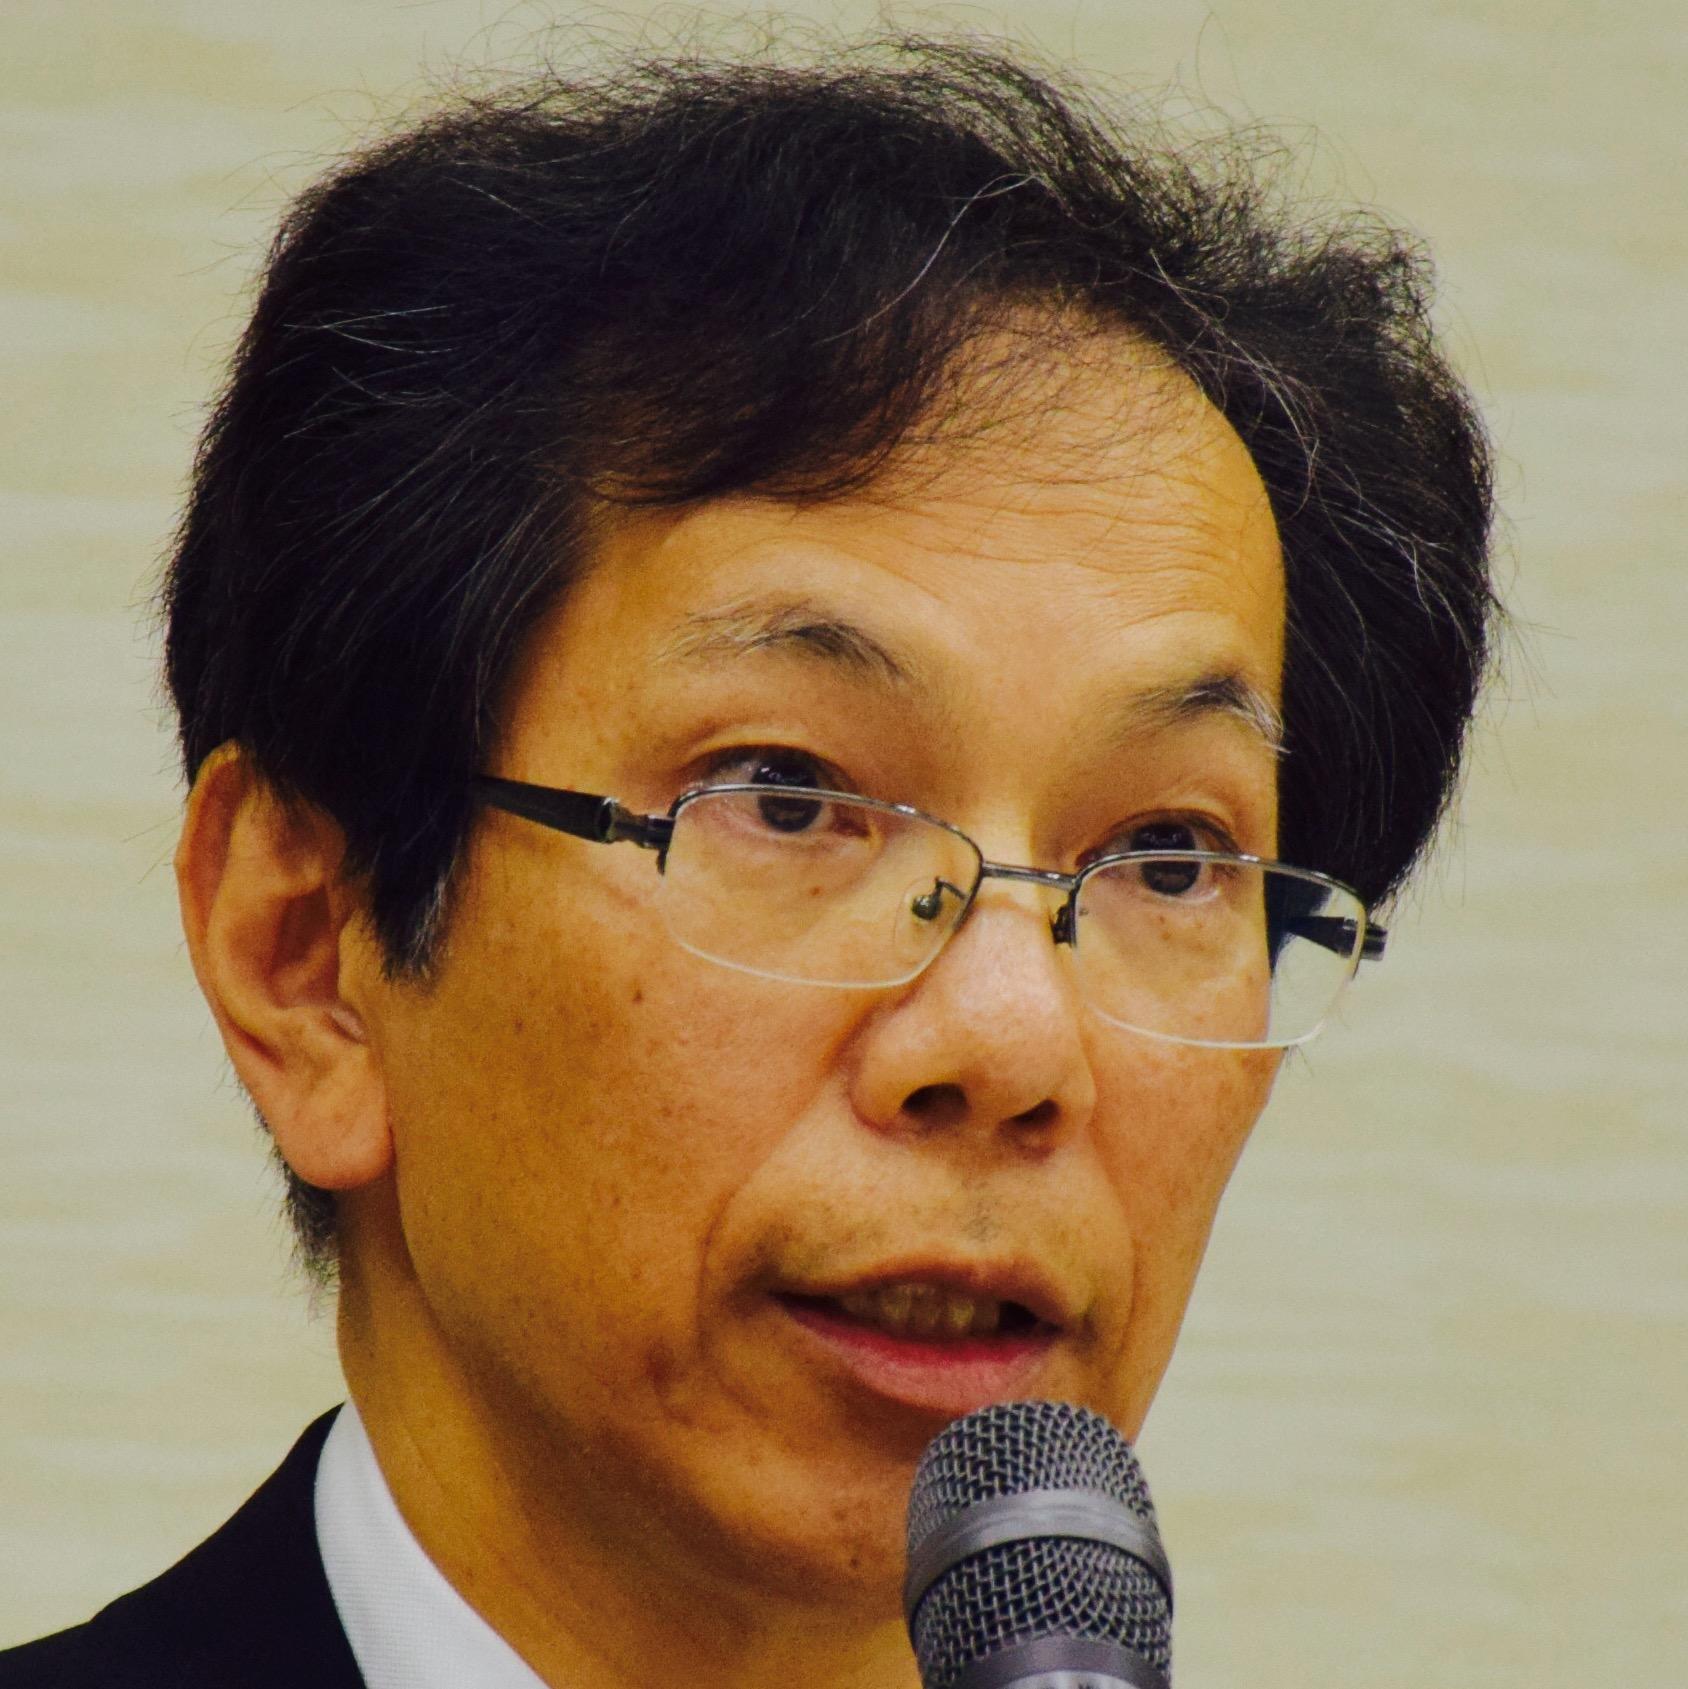 放射線の影響では、という懸念(第24回福島県「県民健康調査」検討委員会、一部書き起こし)